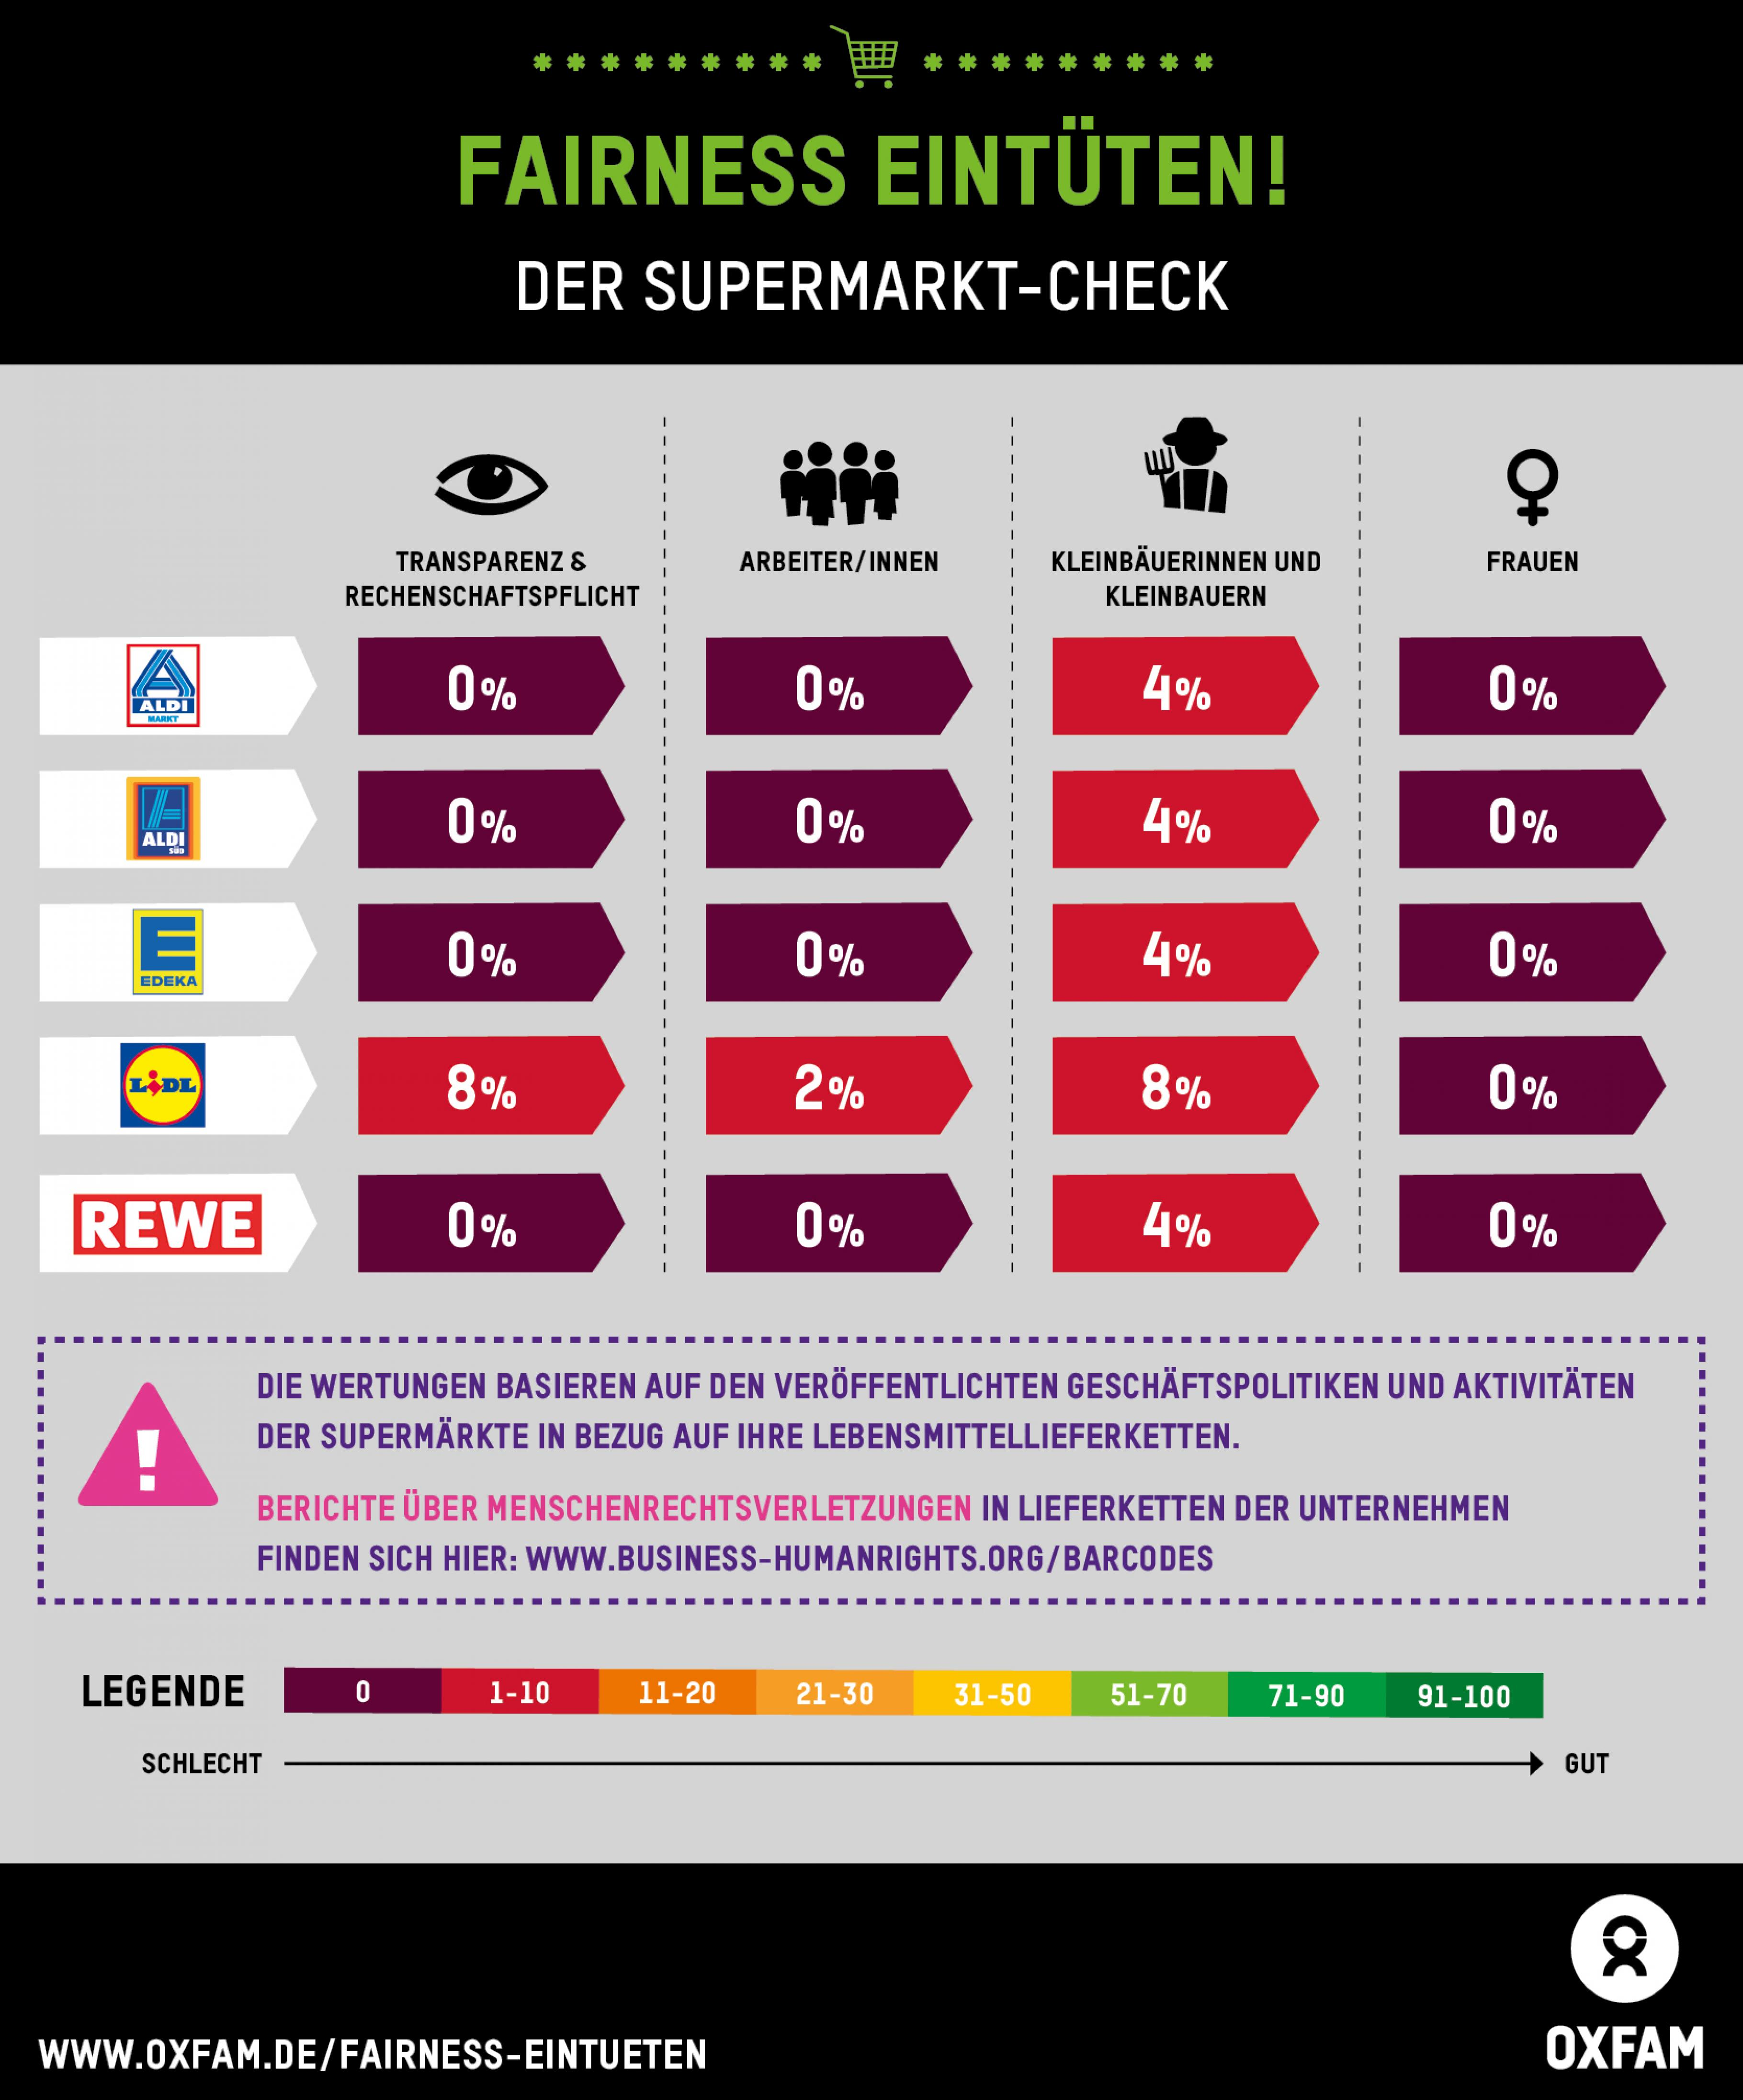 Oxfams Supermarkt-Check